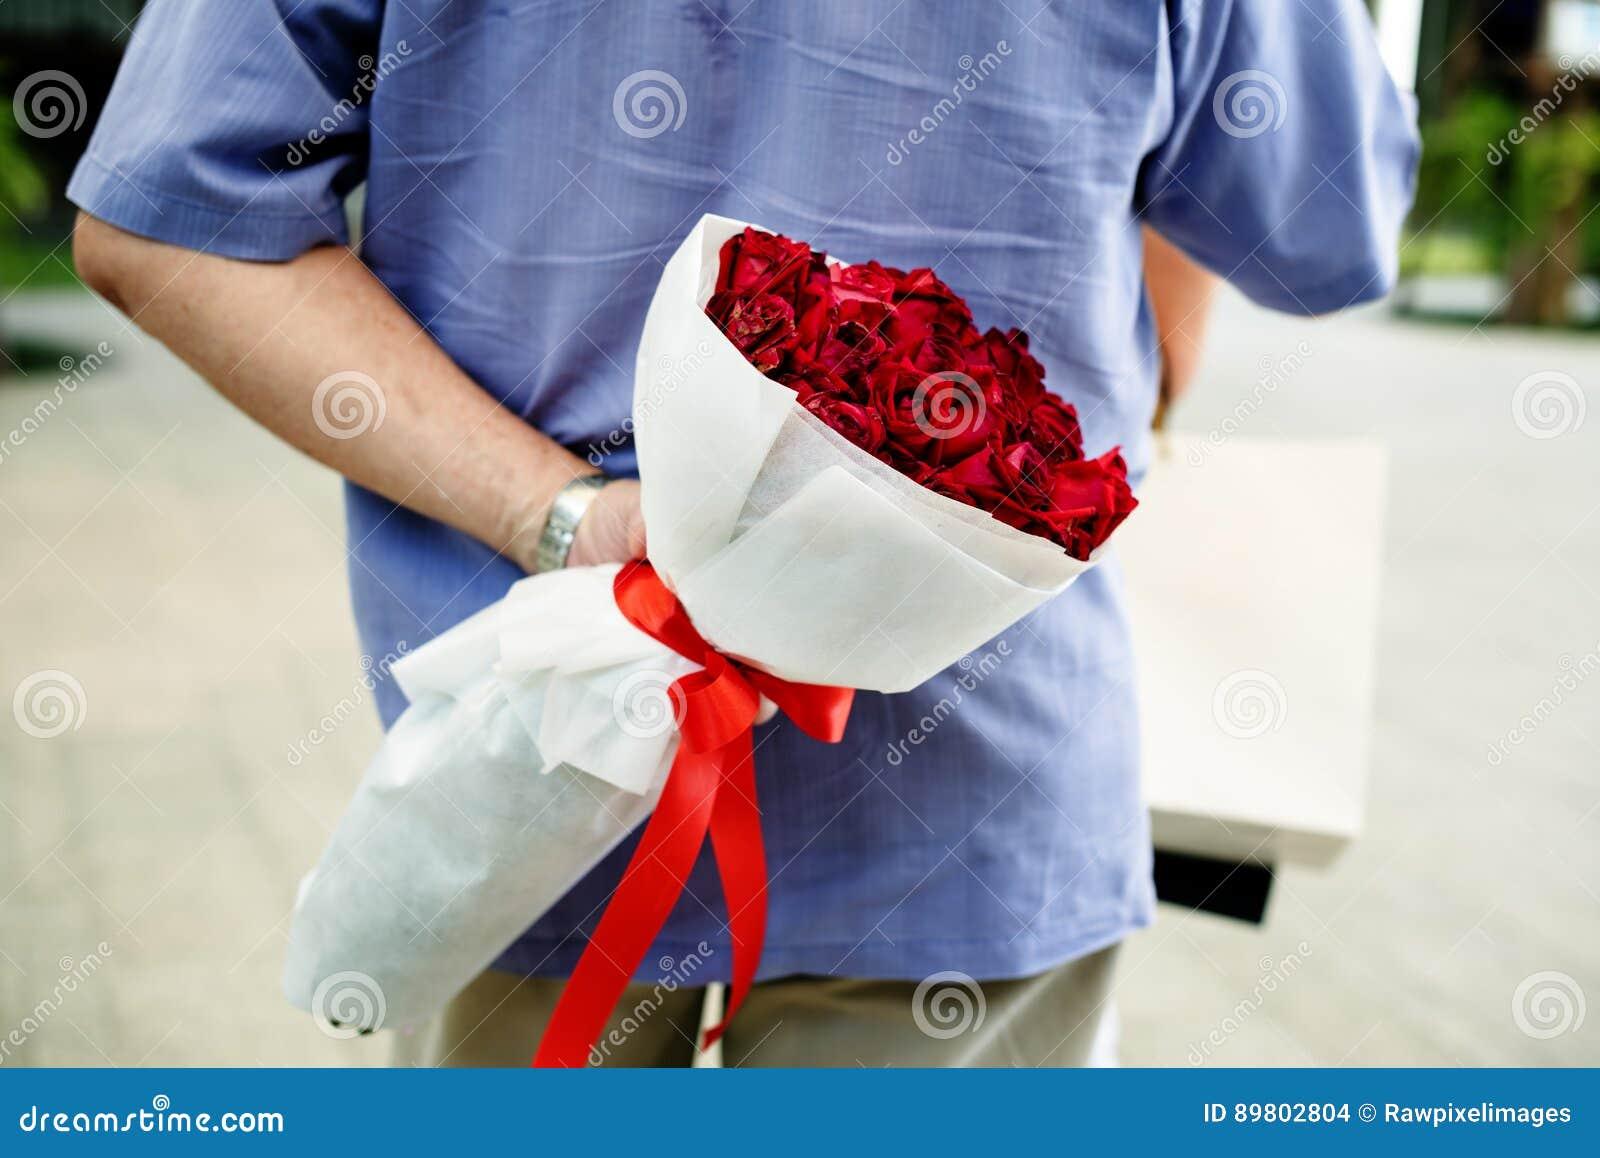 Surprise Romantique Danniversaire De Mariage Damour Photo